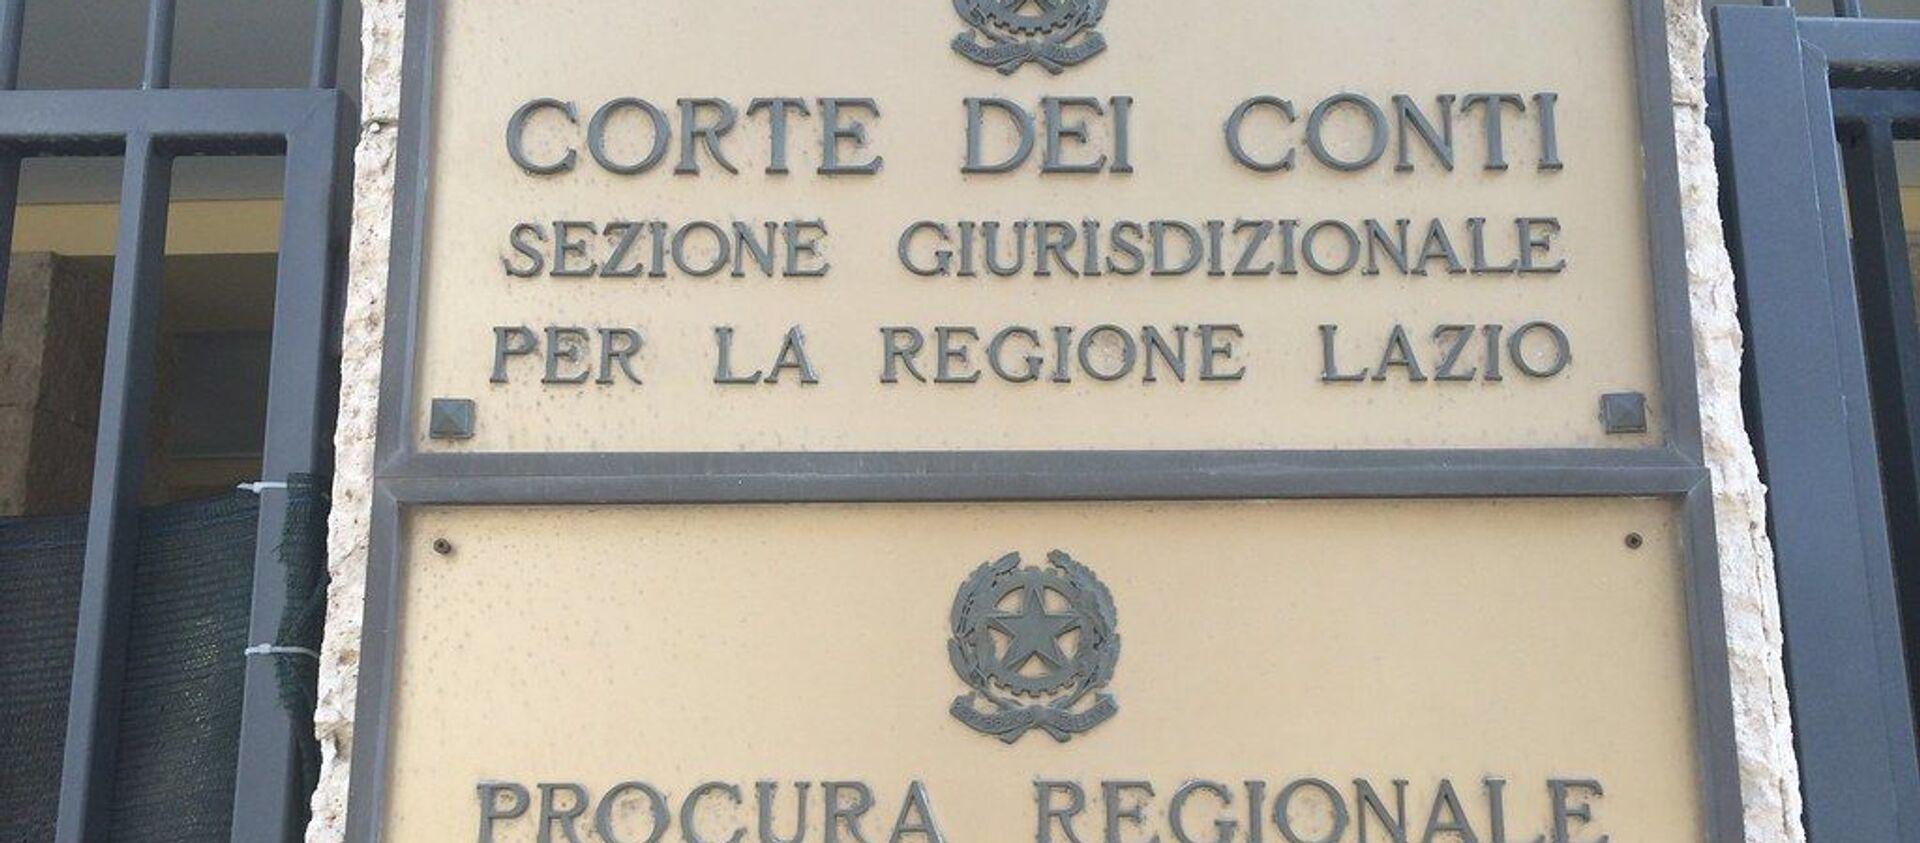 Corte dei Conti Roma e regione Lazio - Sputnik Italia, 1920, 08.02.2021